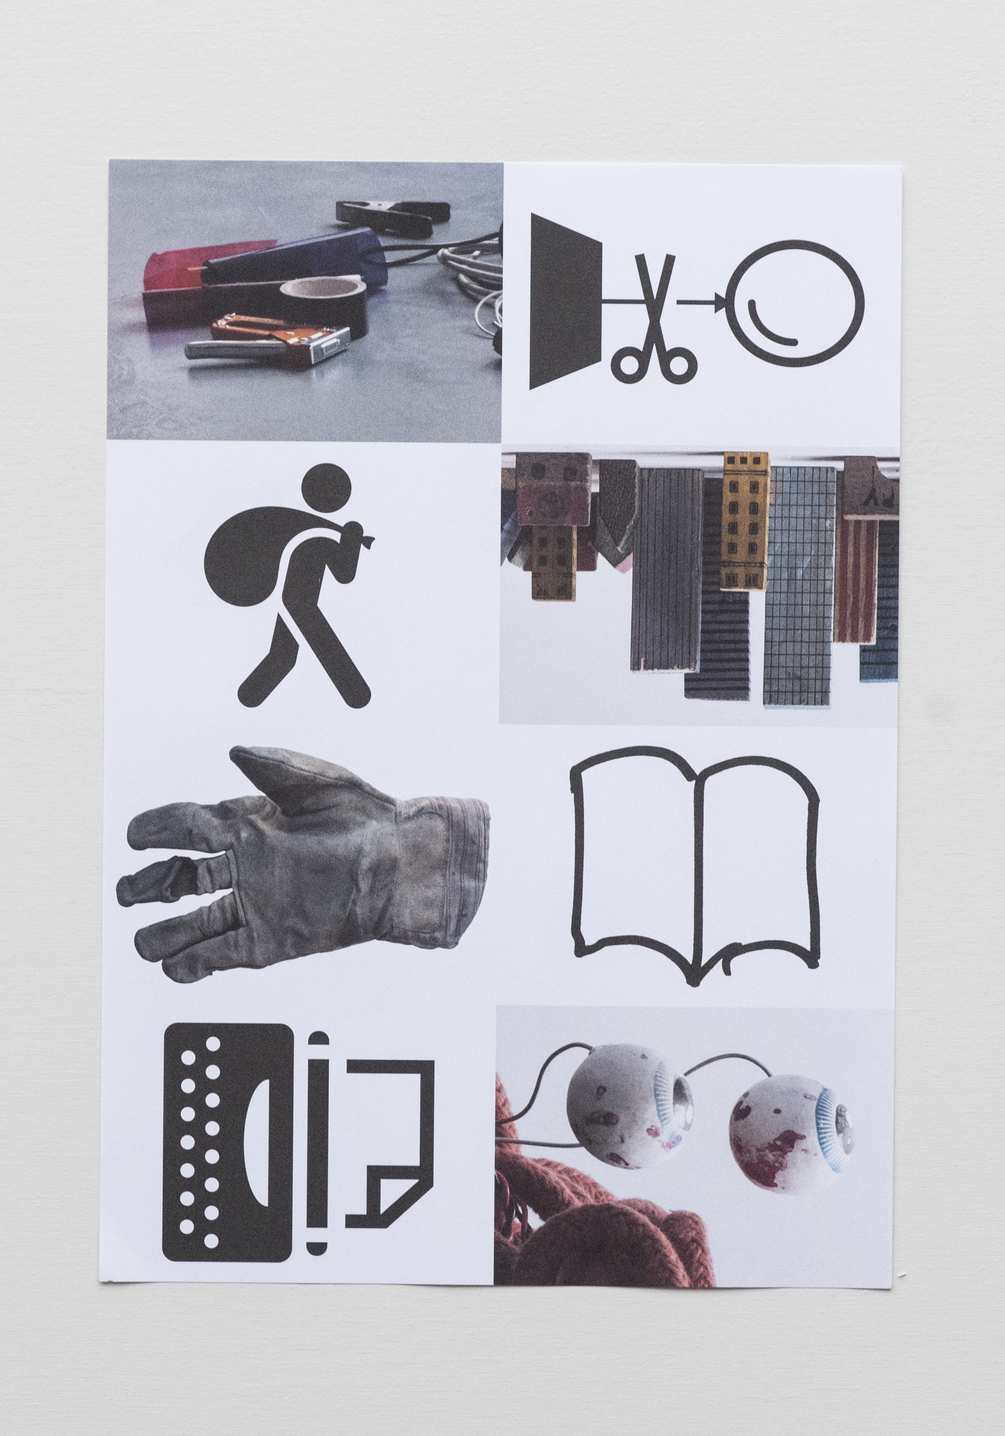 hta-stationery-1-1005x1435px